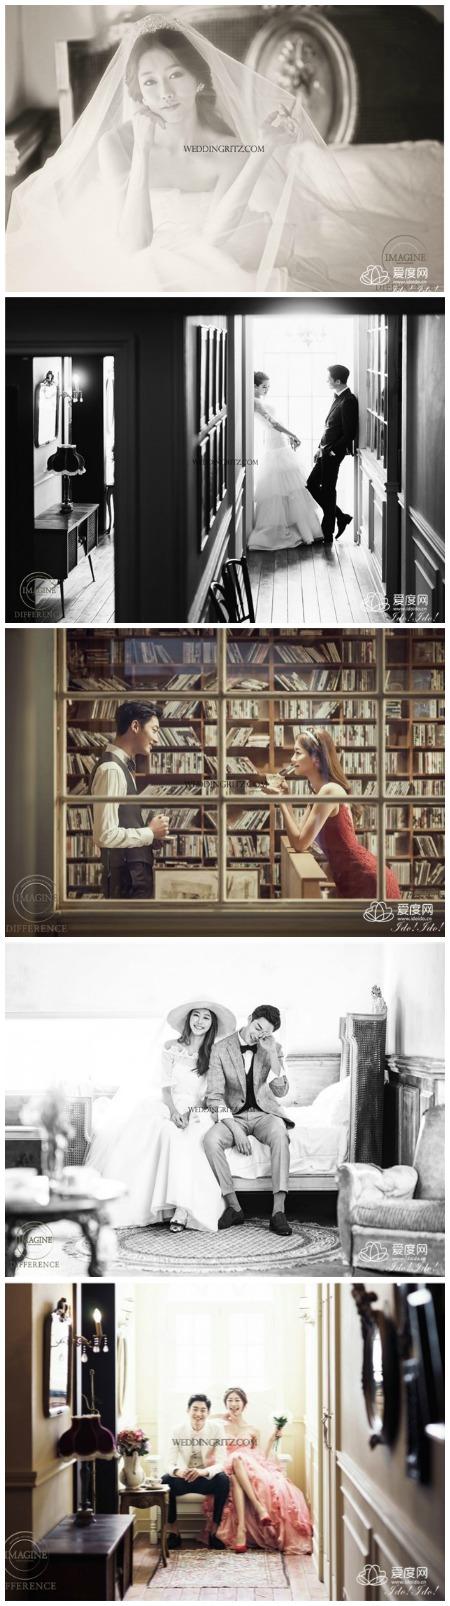 婚紗拍攝風格系列-我的淡雅系韓風婚紗